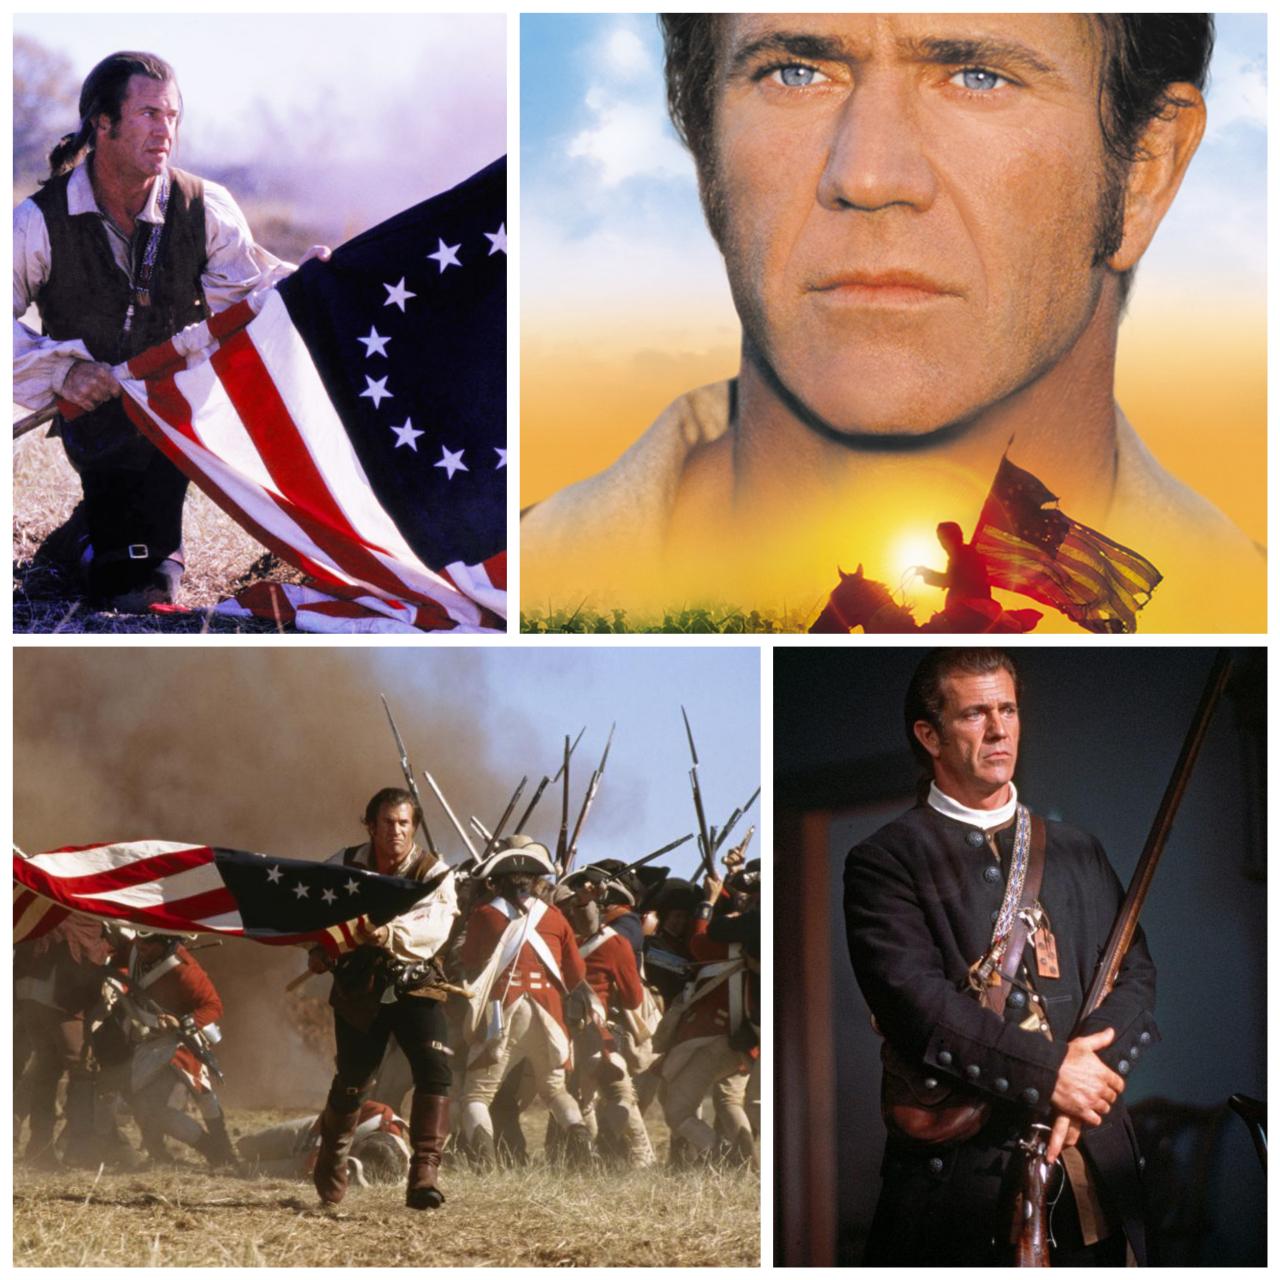 4 июля день независимости США. Некоторые аспекты .